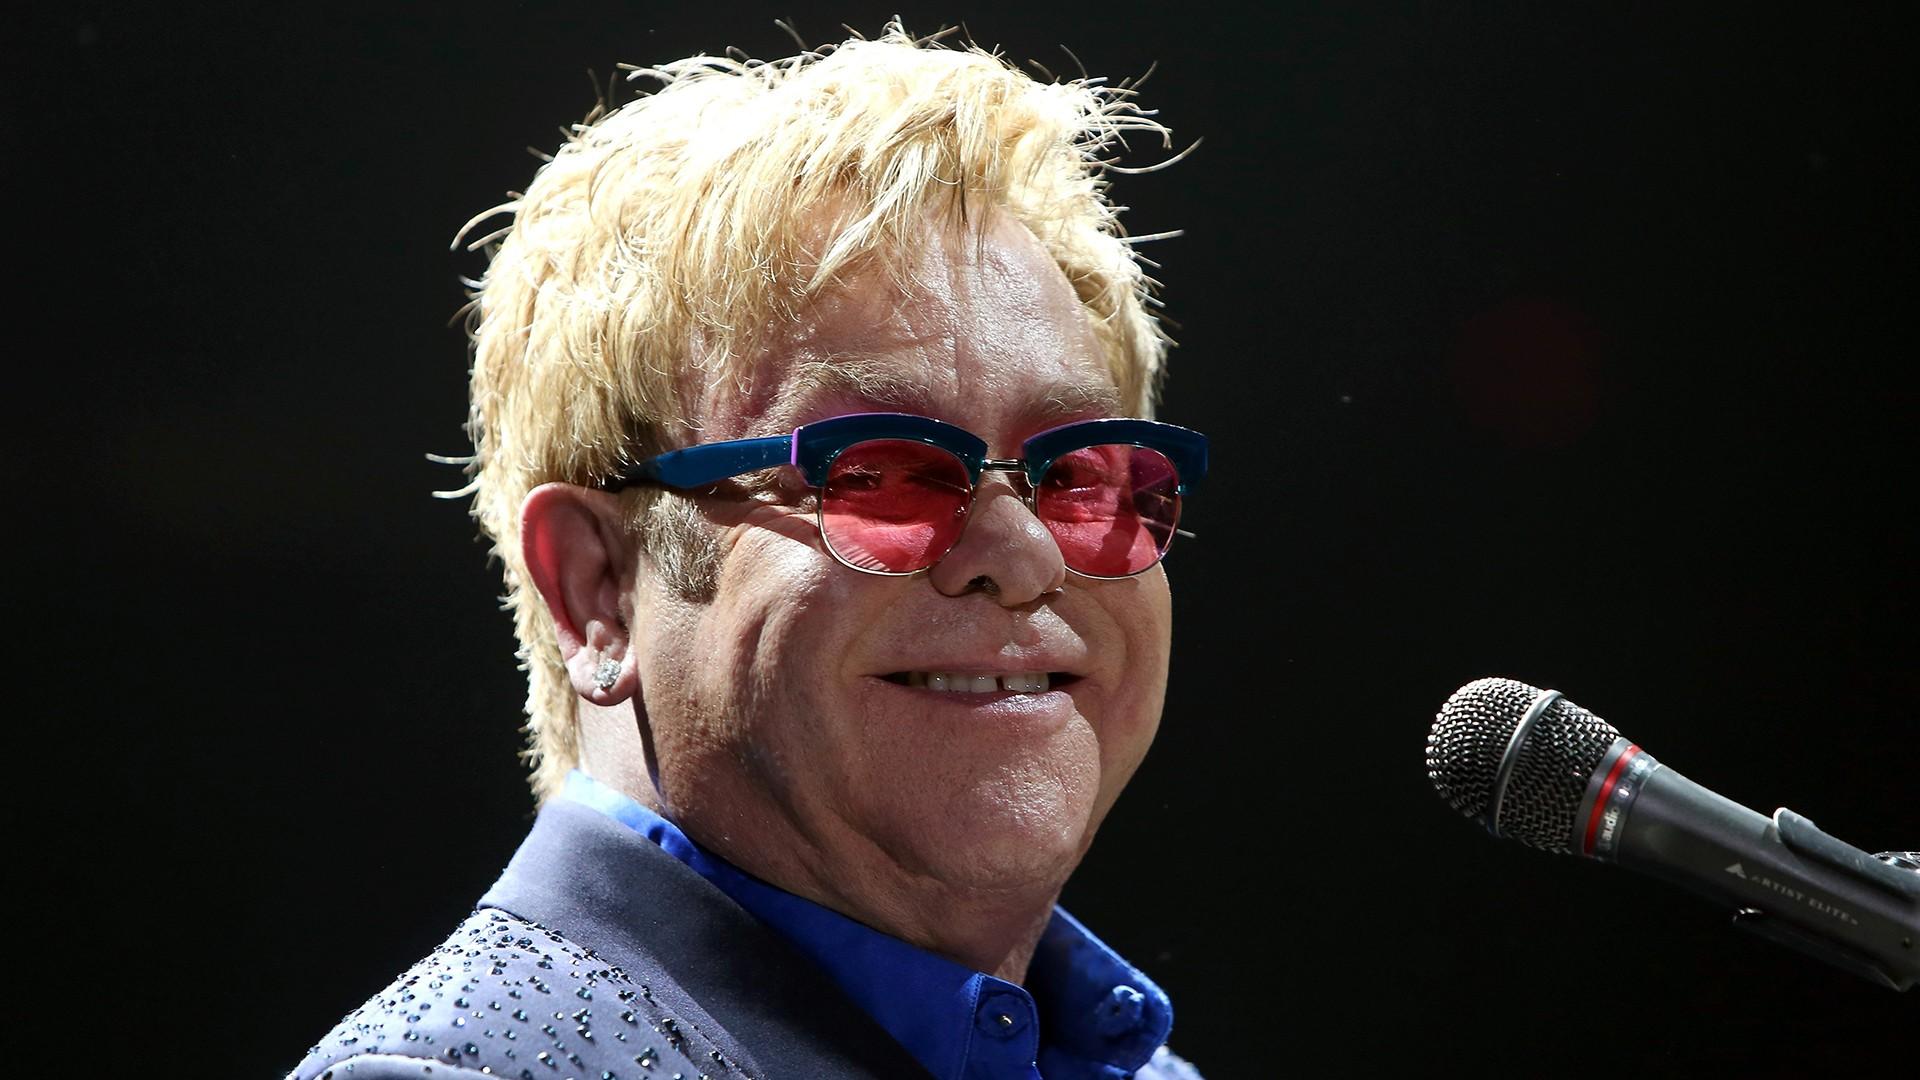 Image: Elton John In Concert - New York, New York